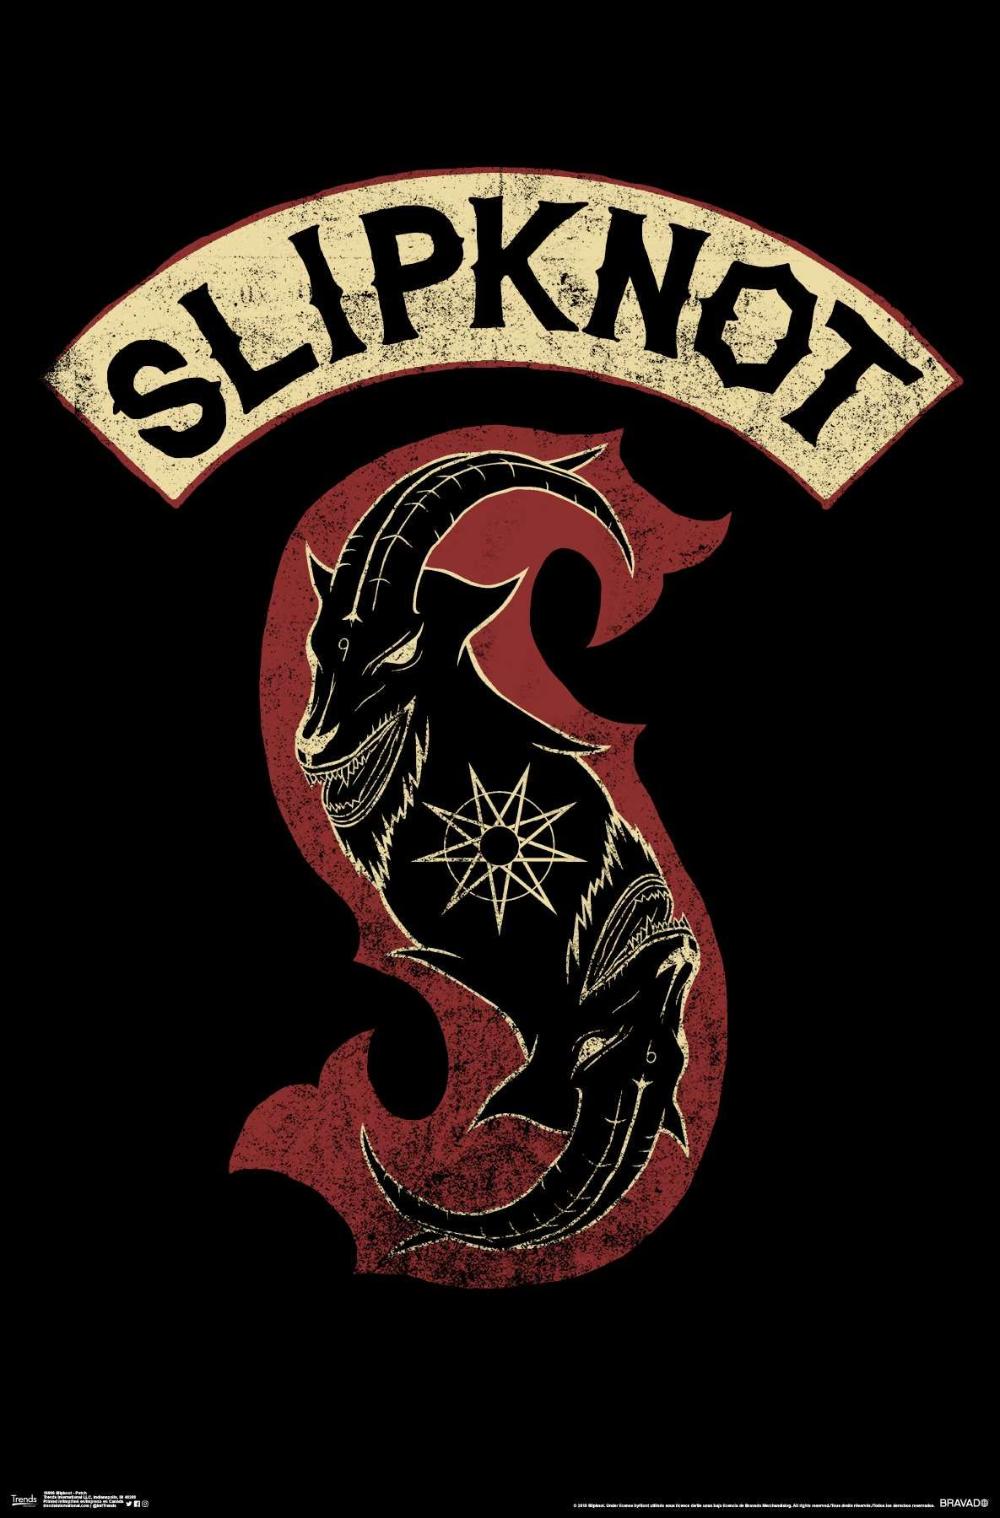 Slipknot Patch em 2020 imagens) Imagens de rock